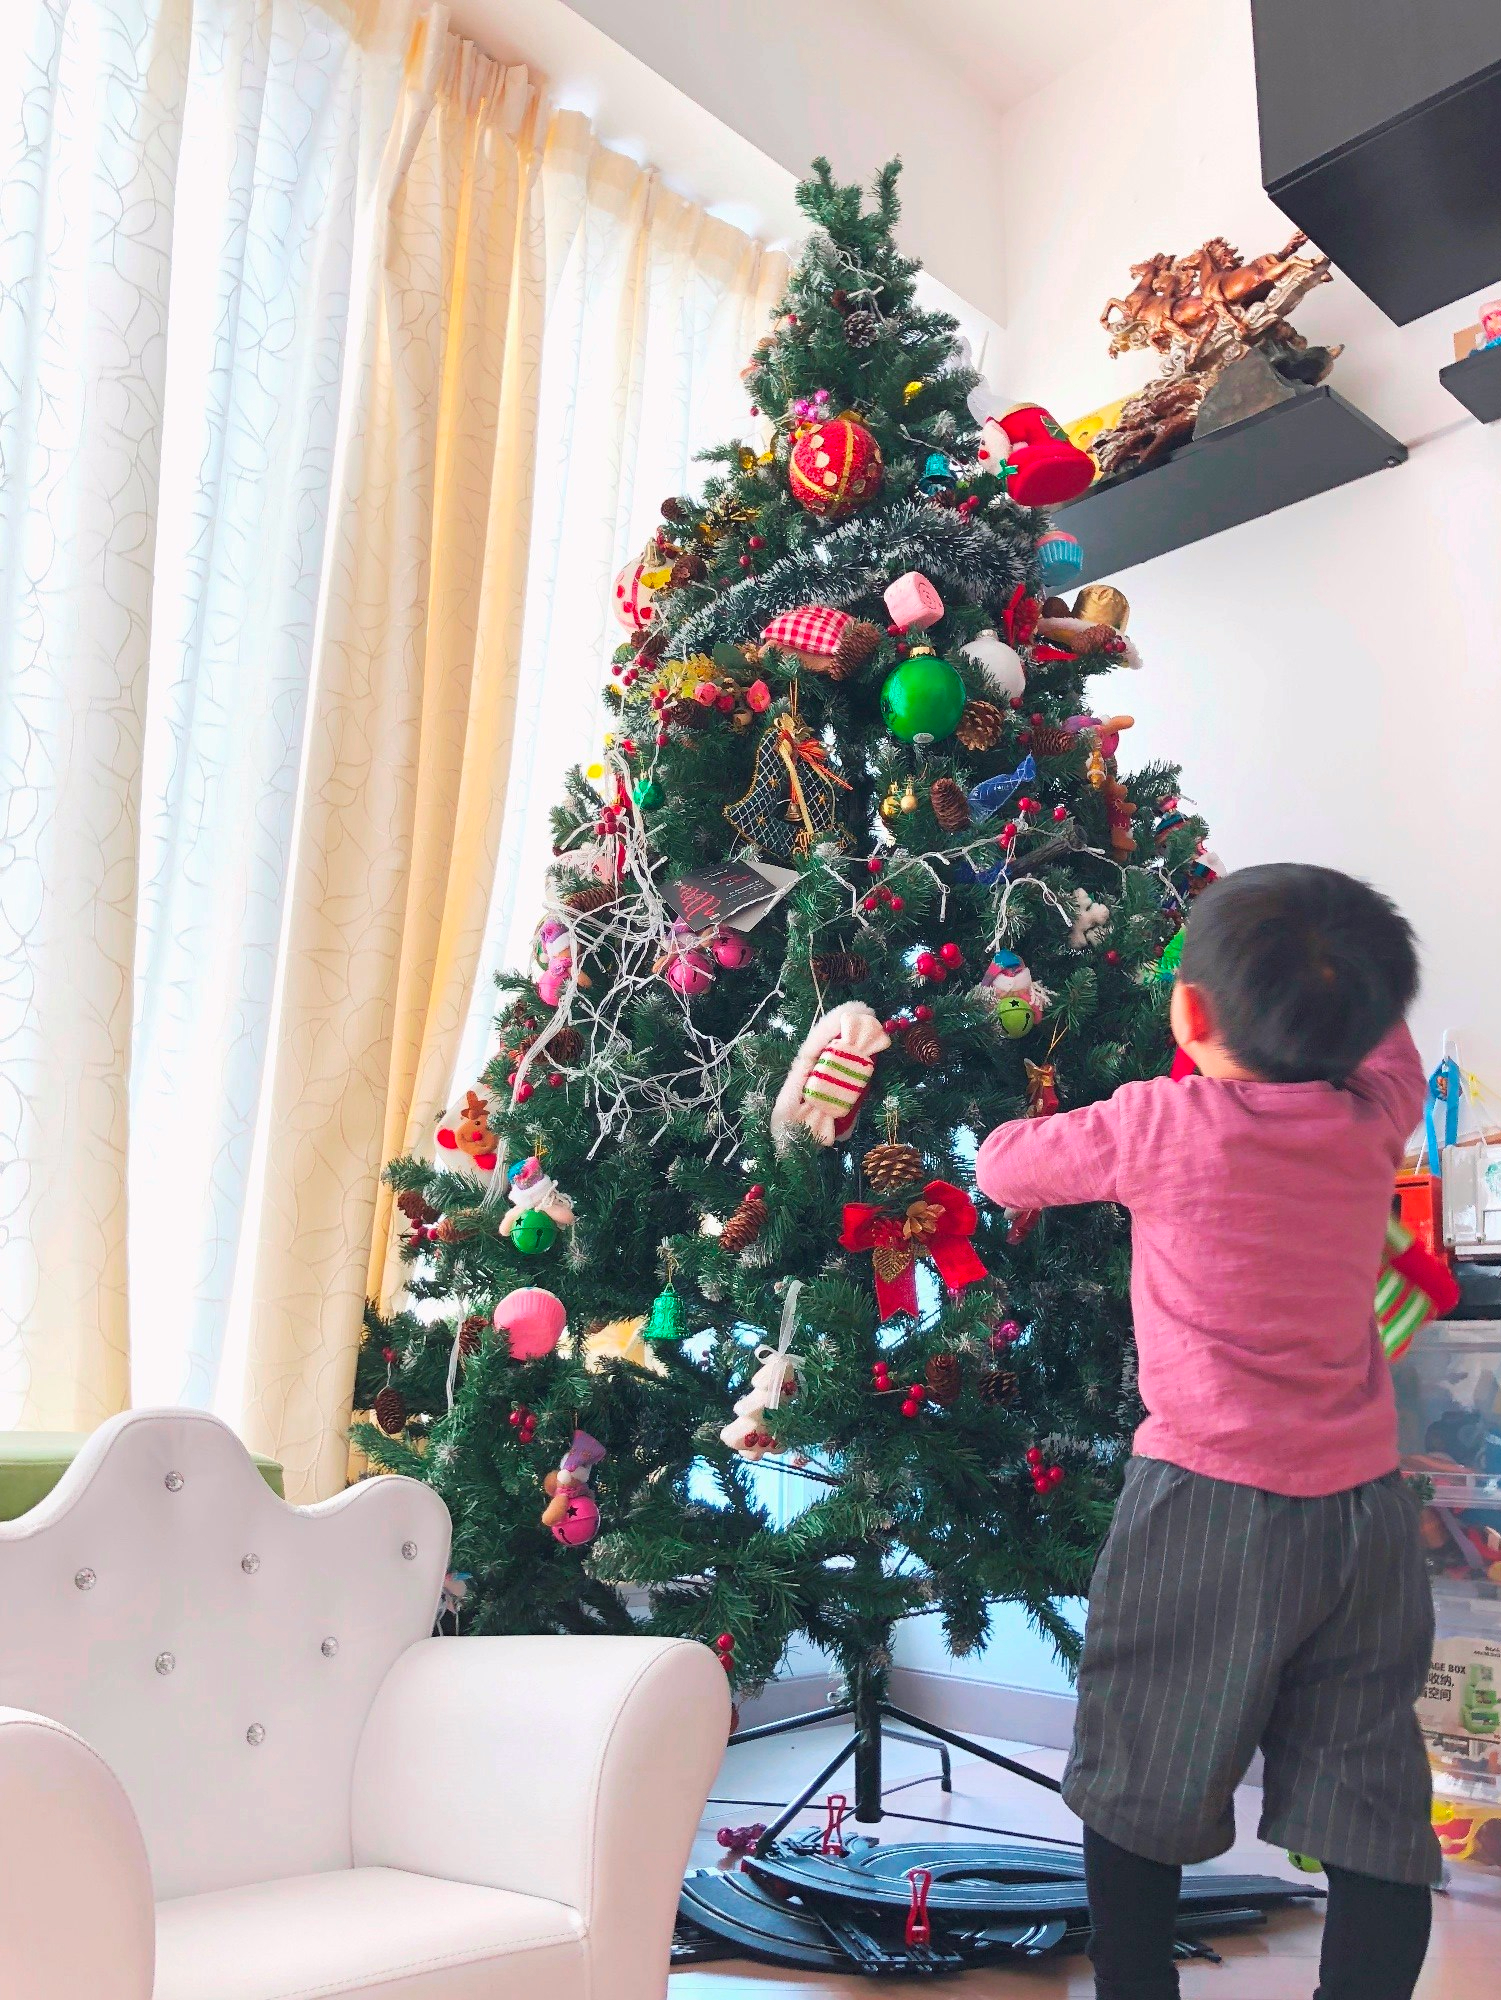 [LIFE] 儲存聖誕樹好幫手『美利倉』